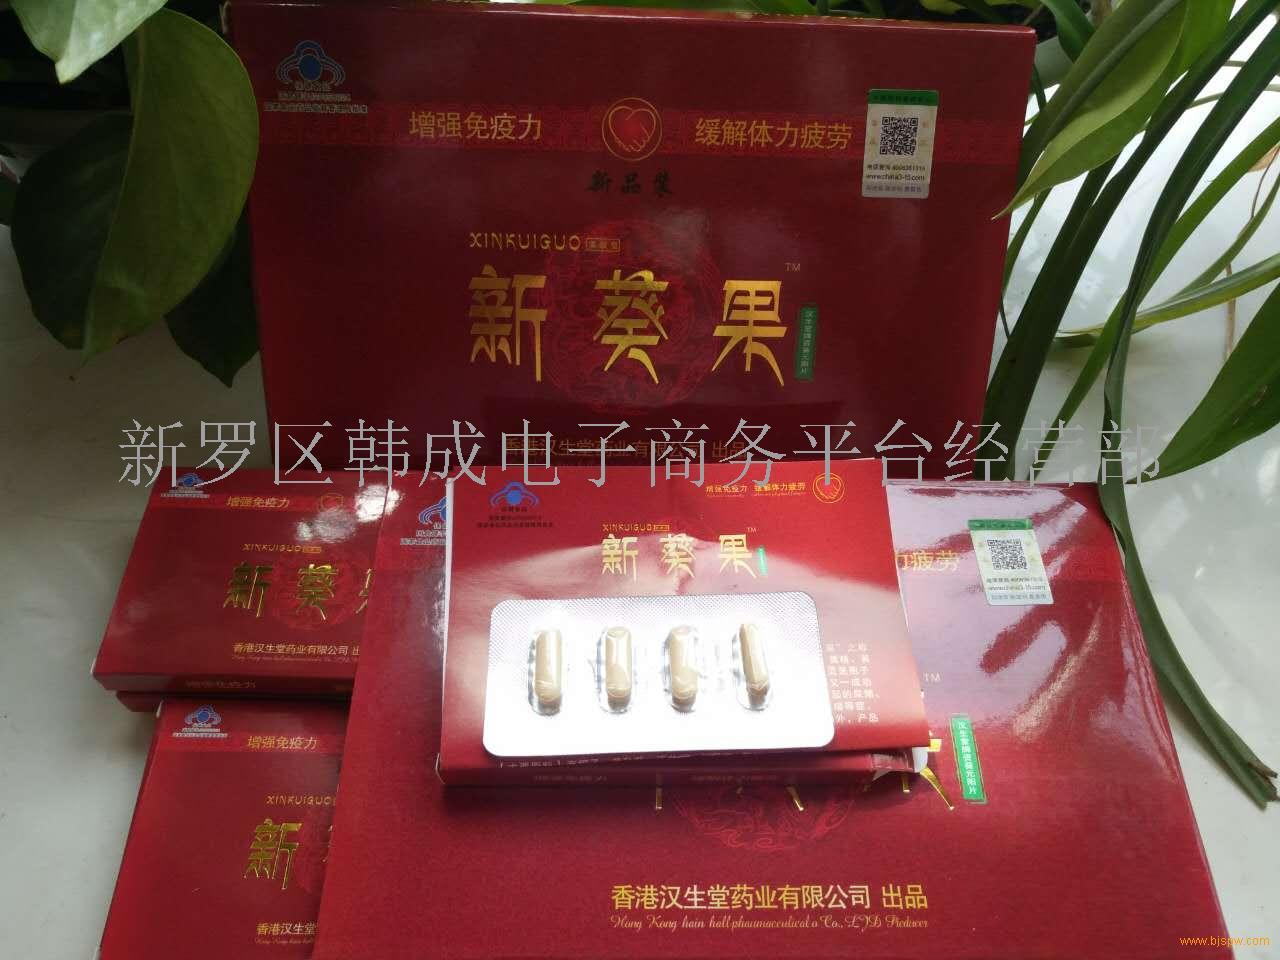 新葵果正品胶囊香港汉生堂浓缩32粒装招商